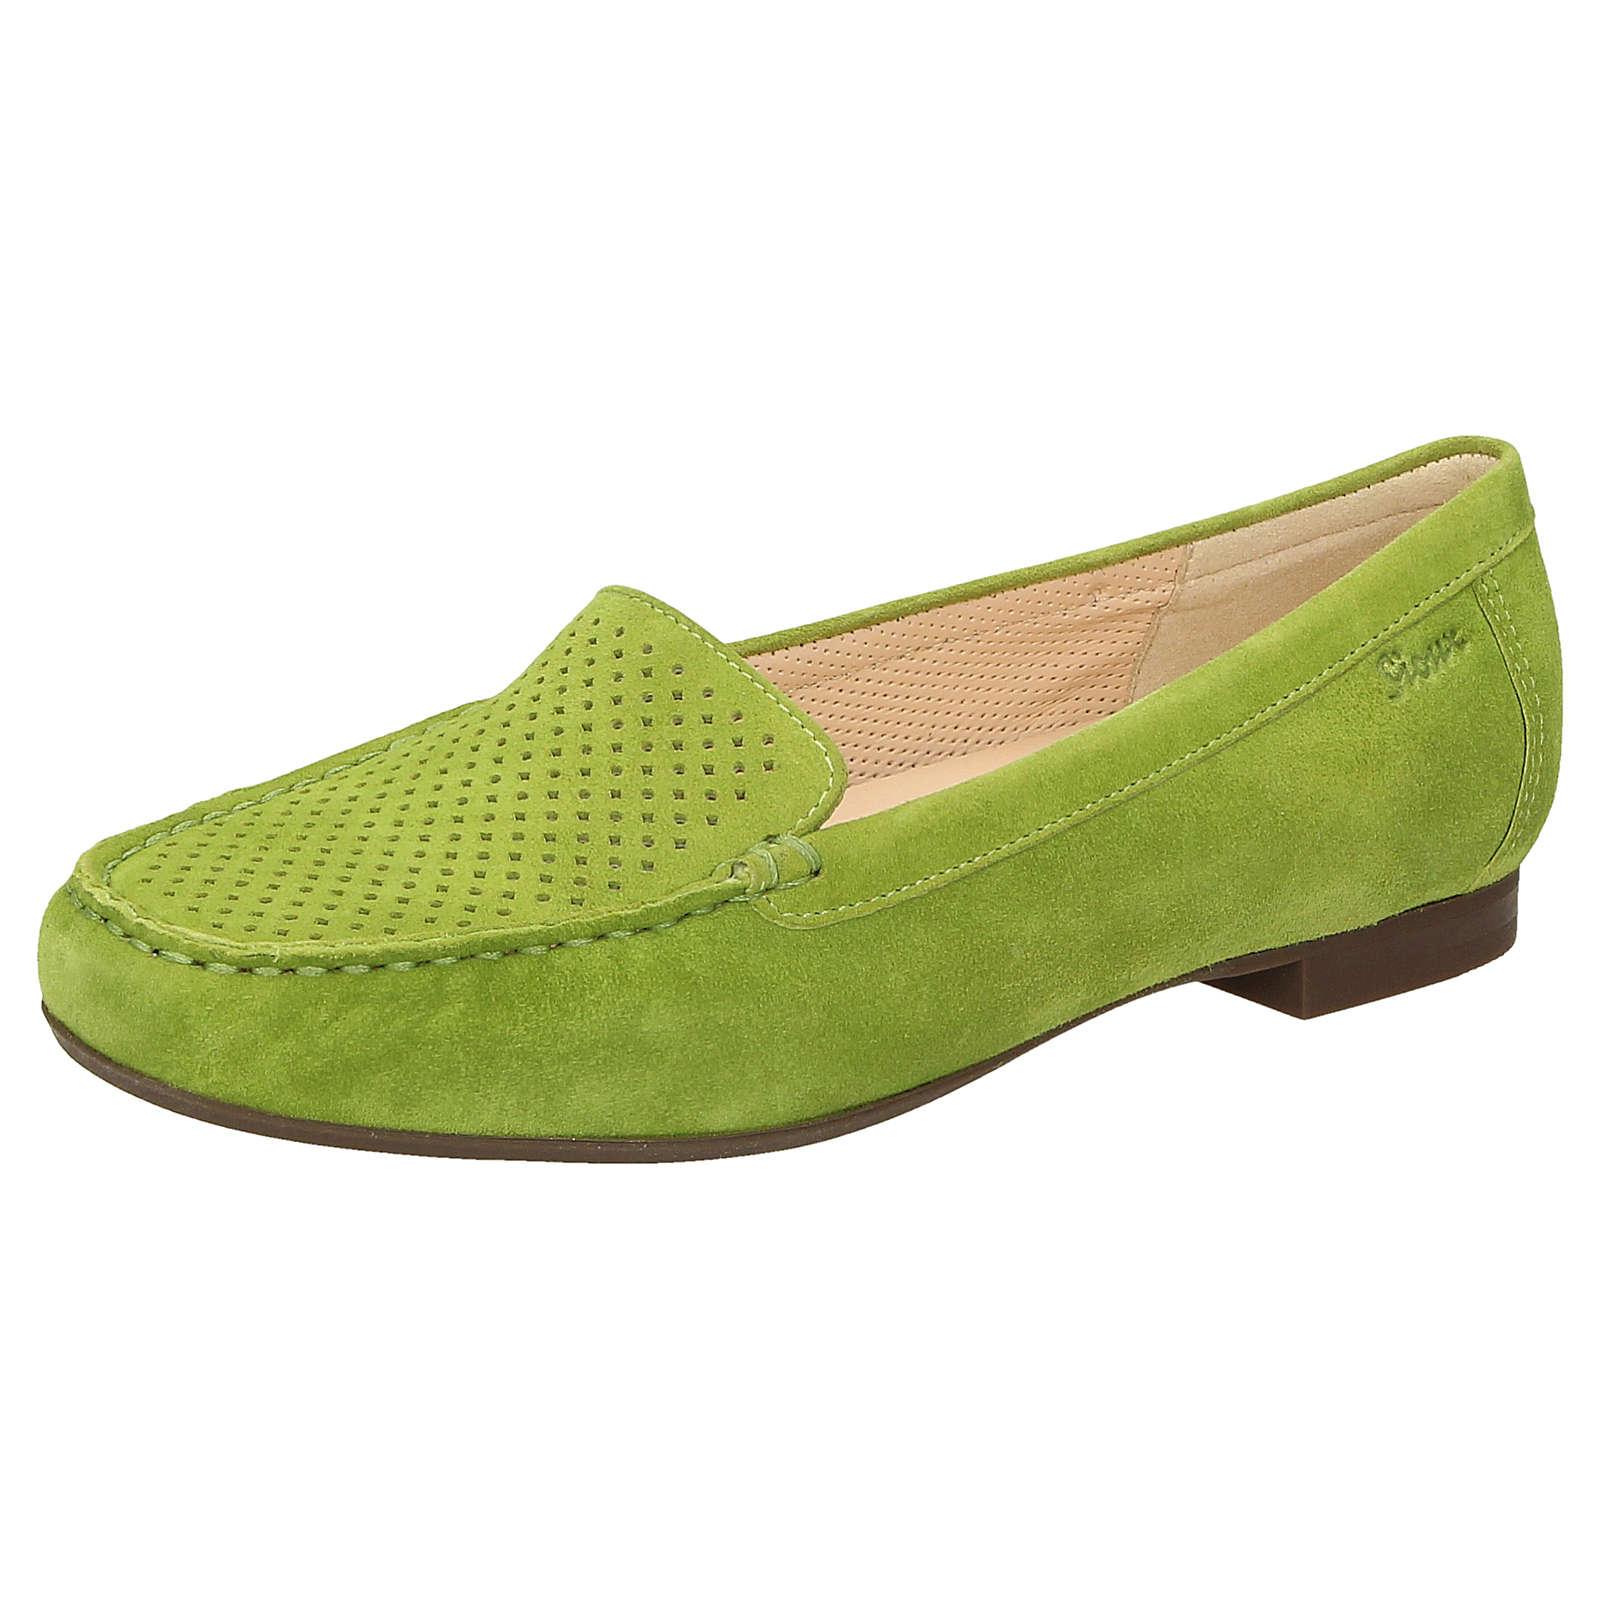 Sioux Slipper Zillette-700 Slipper grün Damen Gr. 35